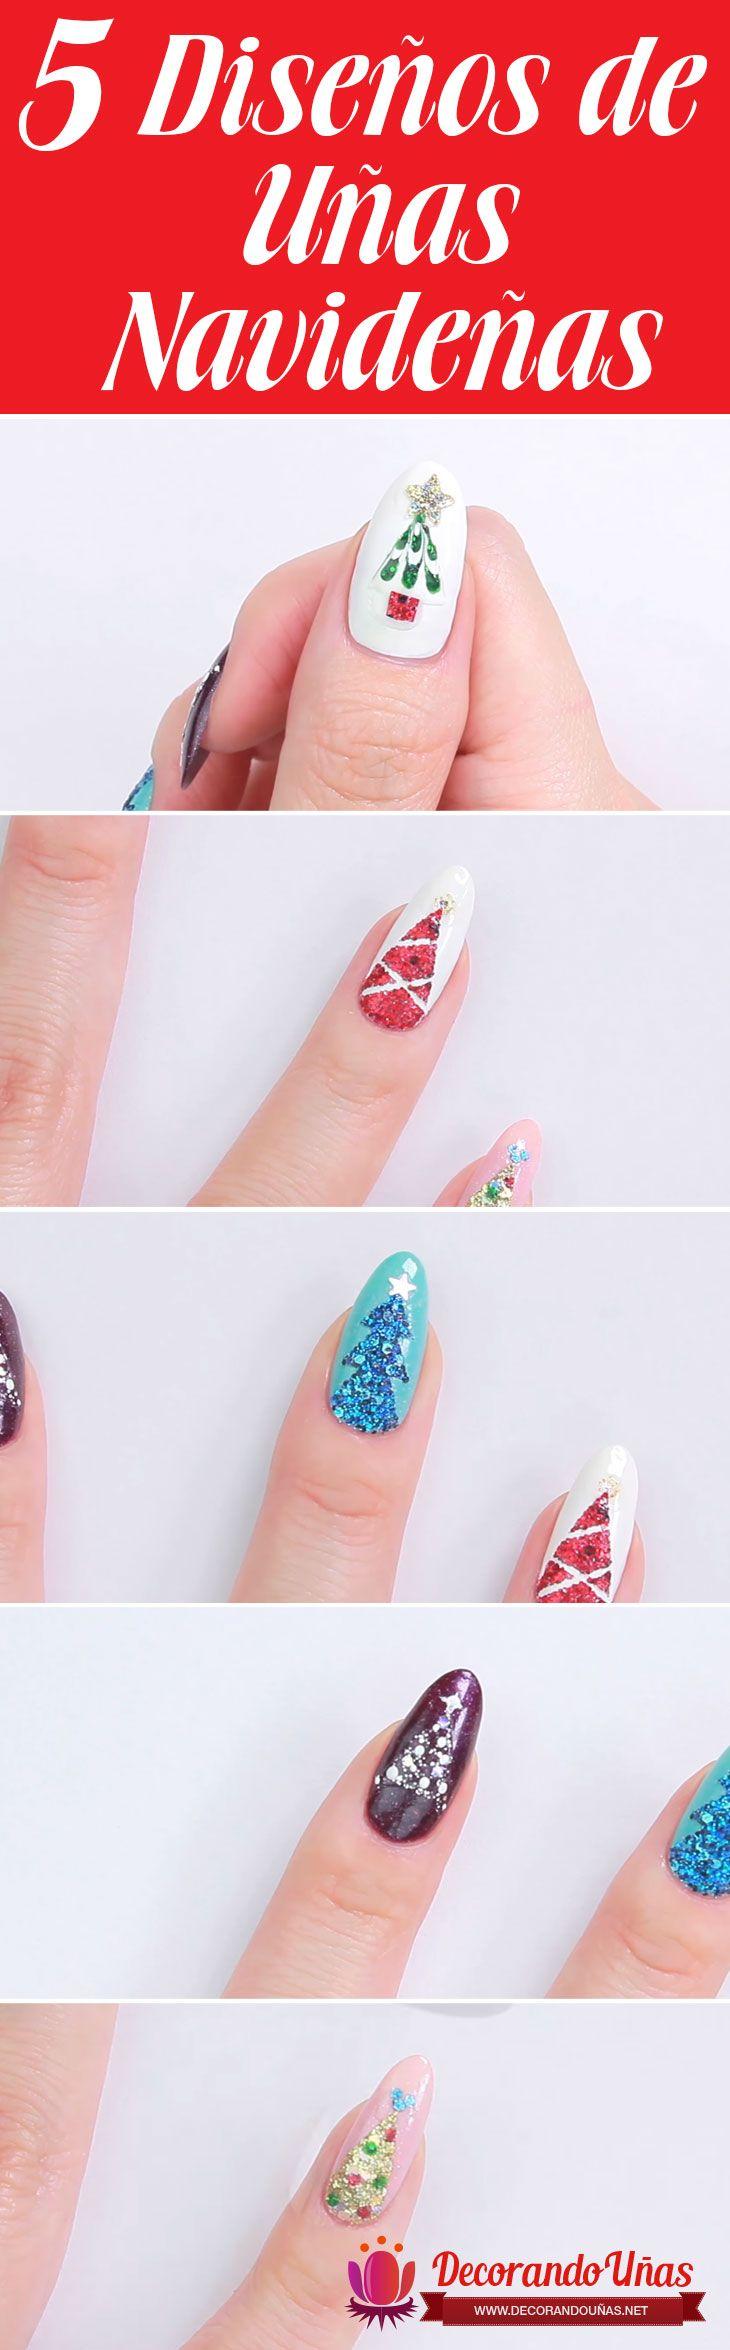 186 besten Christmas Nails Bilder auf Pinterest | Weihnachts nägel ...